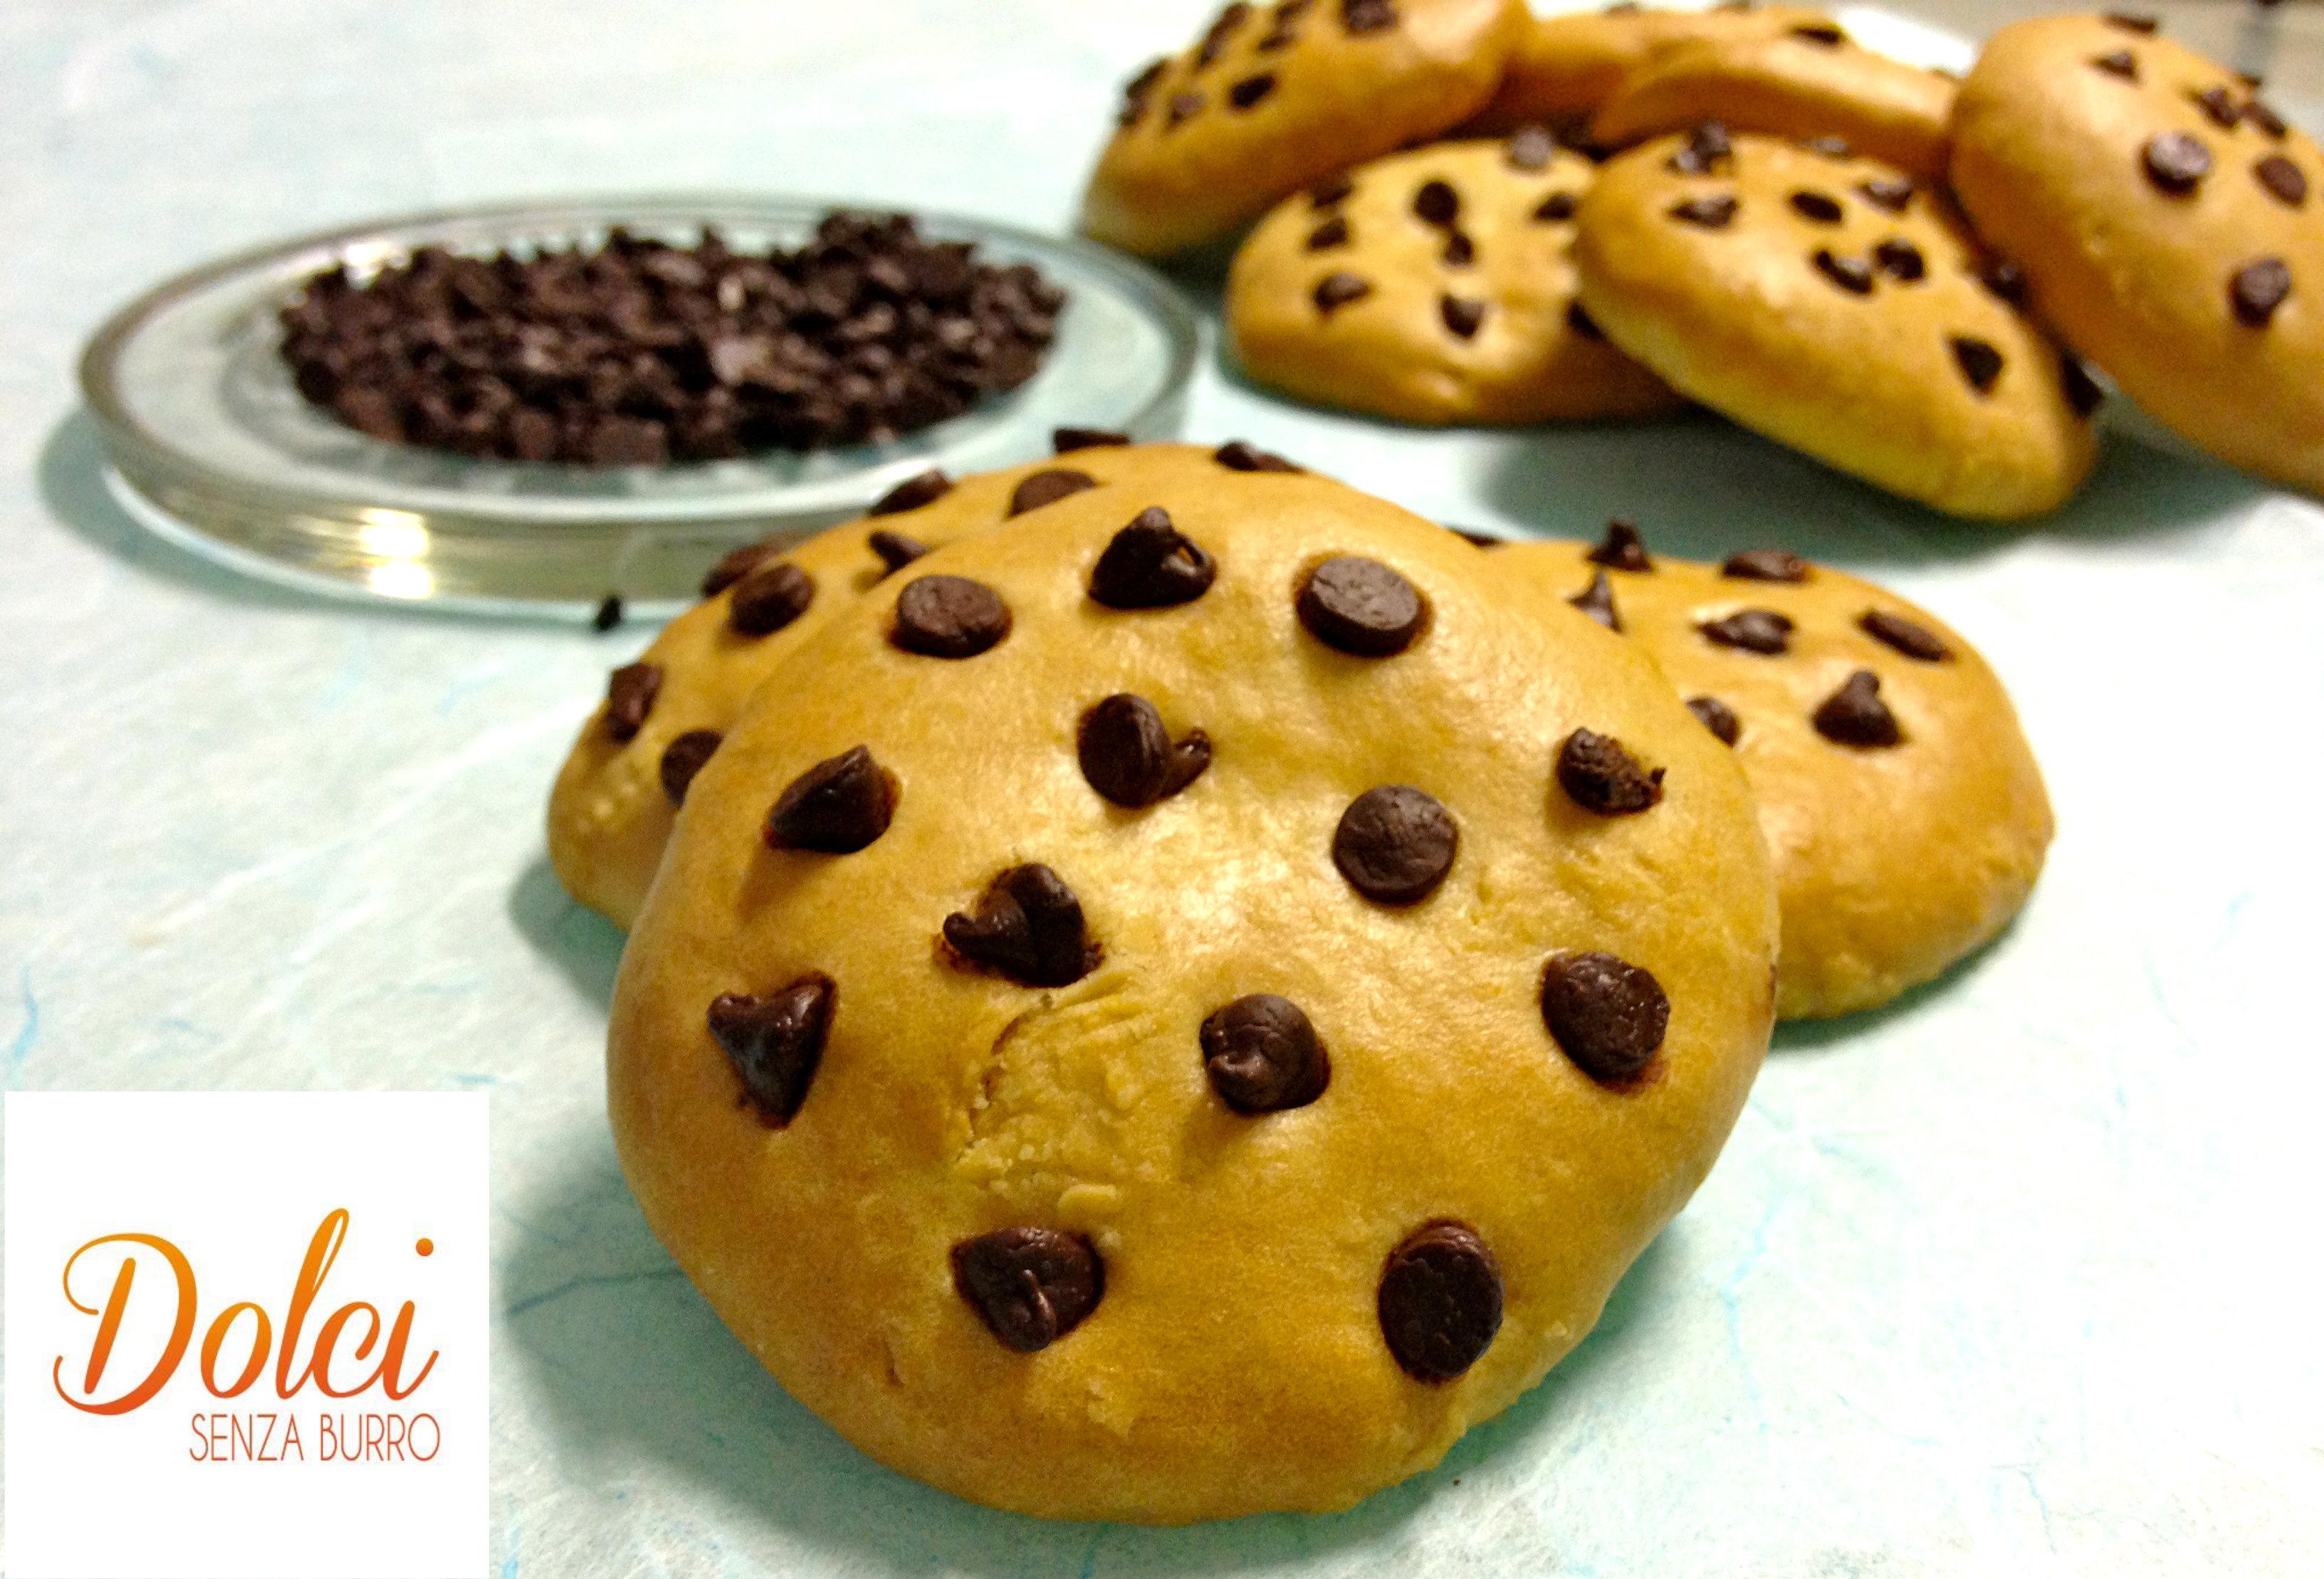 Cookies Senza Burro, i biscotti americani light di Dolci Senza Burro